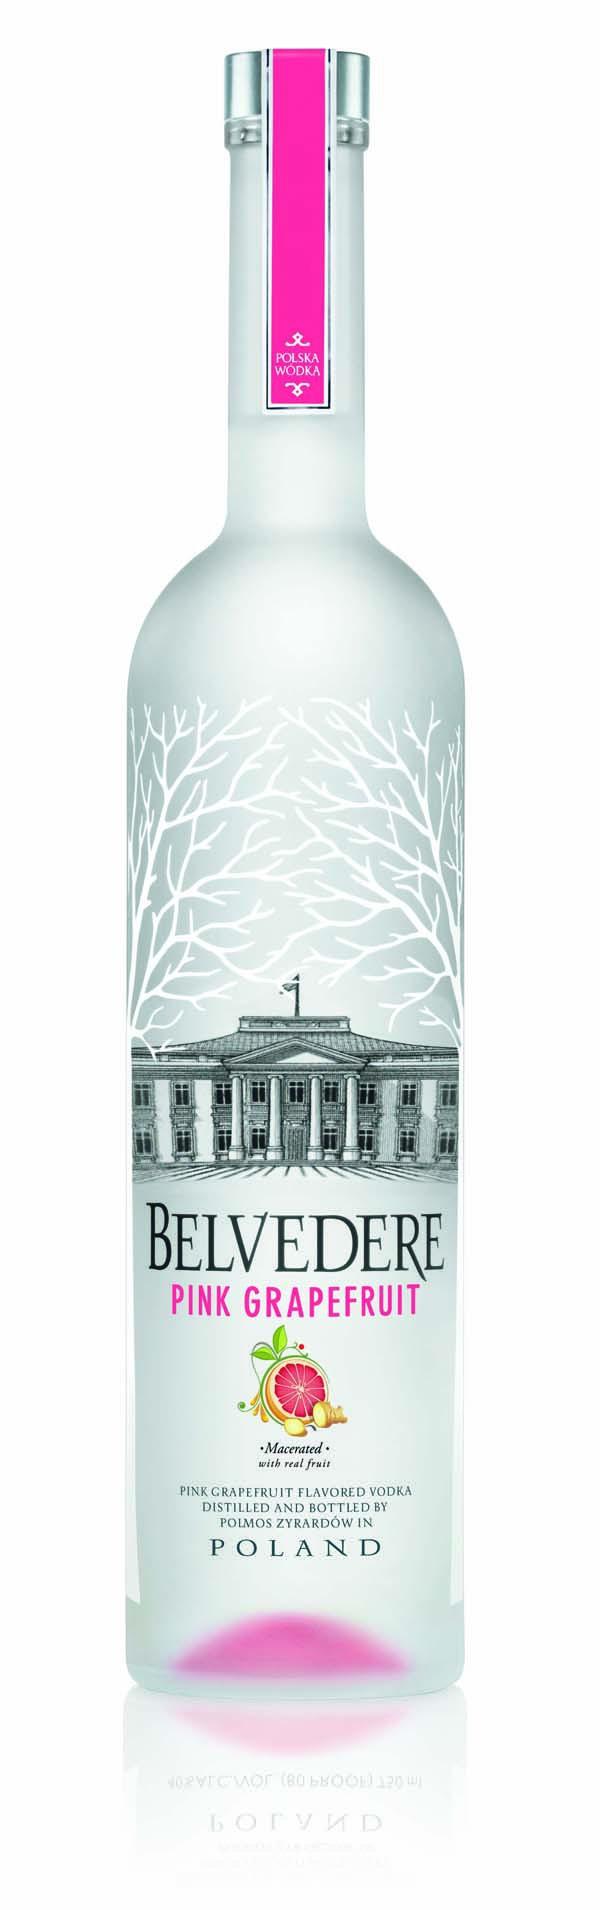 BELVEDERE – Belvedere Pink Grapefruit – 44€